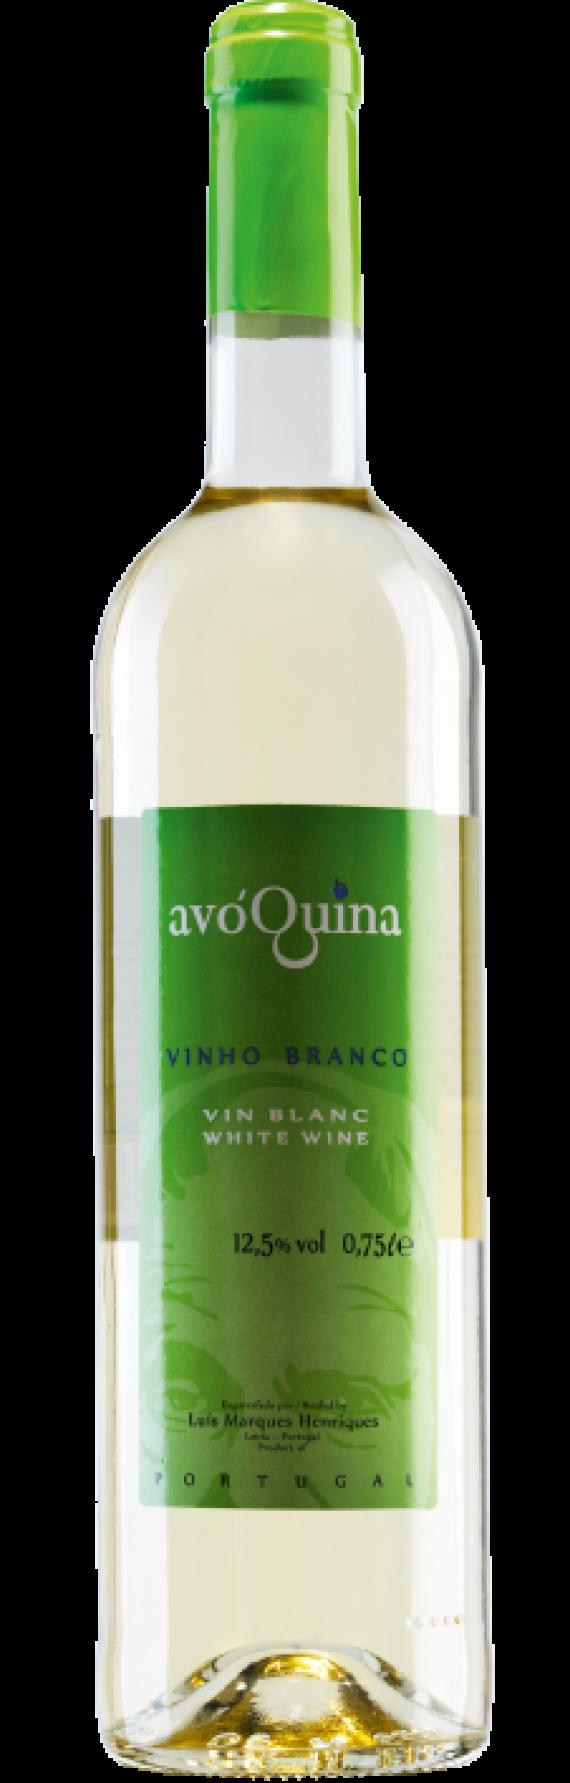 AvóQuina Branco LMH-Wines